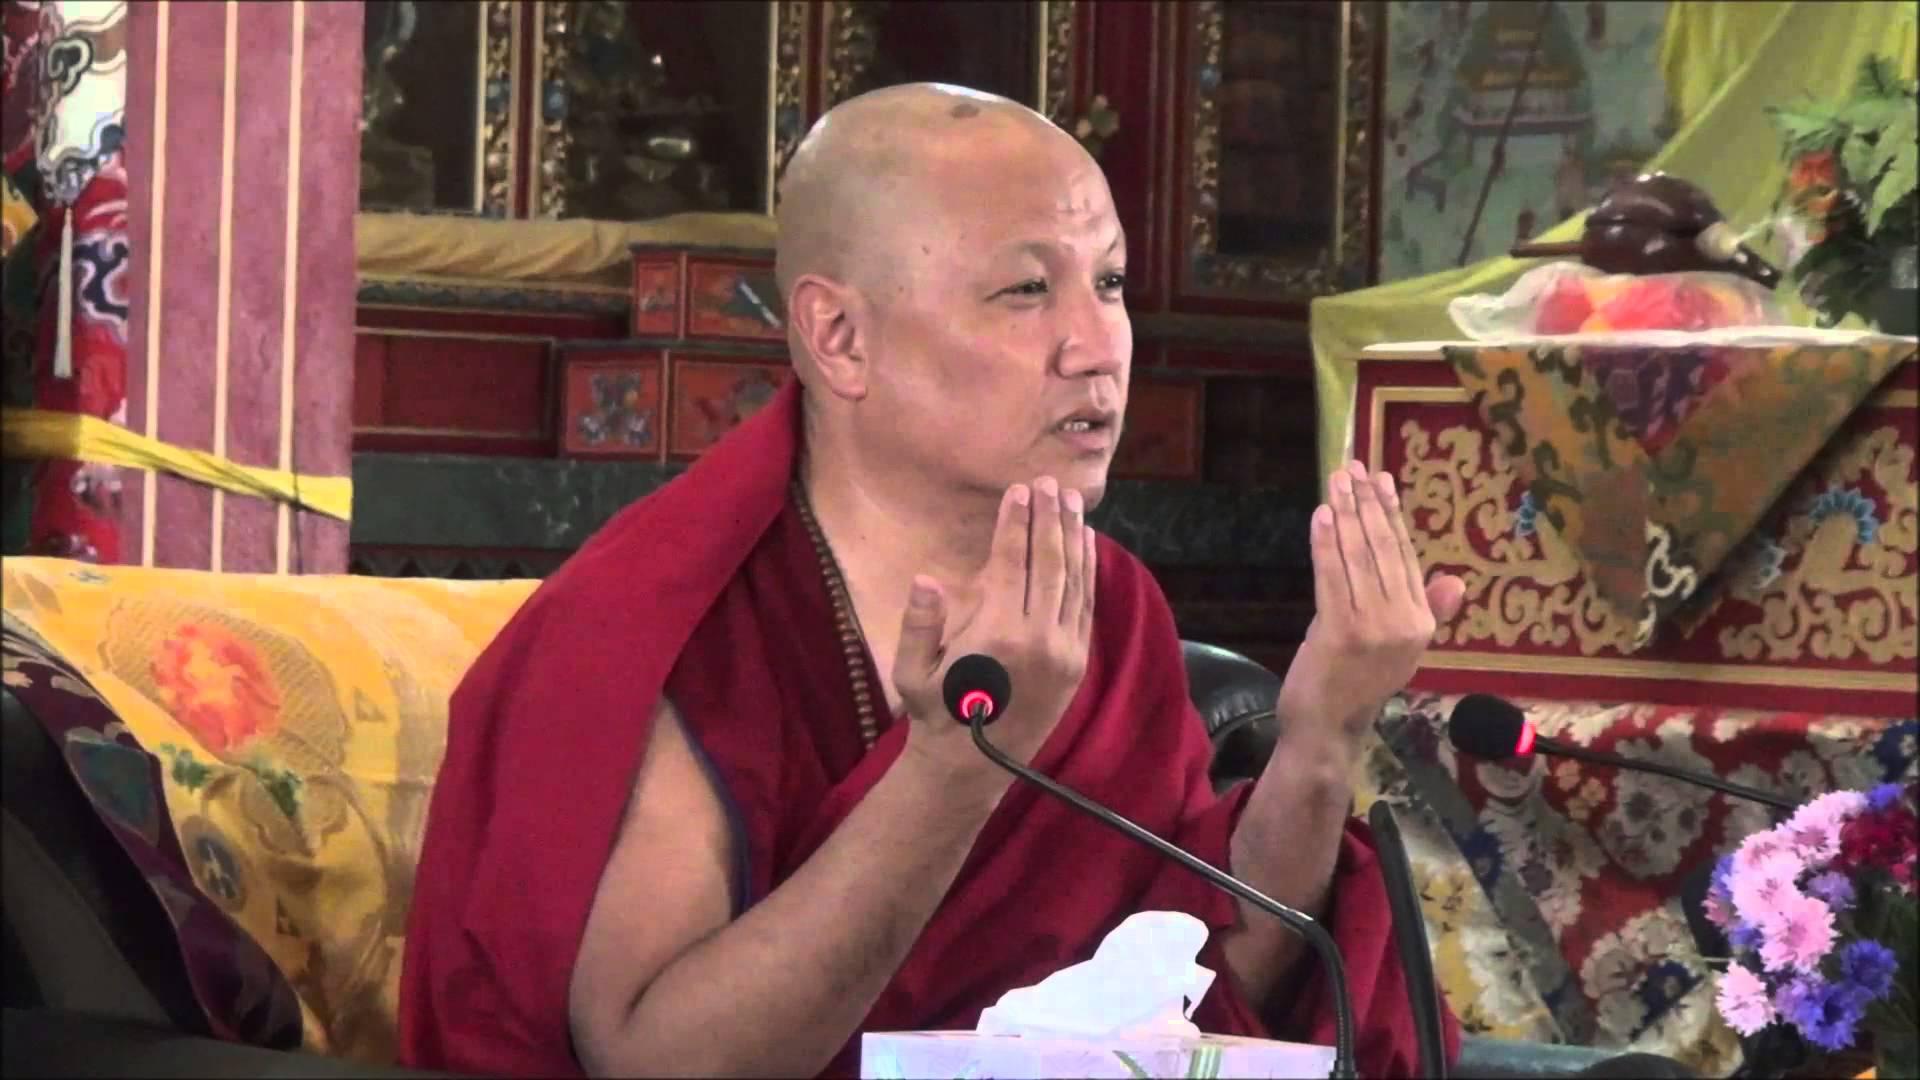 Ven.Sangye Nyenpa Rinpoce: Siete voi a leggere la vostra mente, solo voi sapete se le vostre attitudini sono corrette, spiate quindi cosa fa la vostre mente